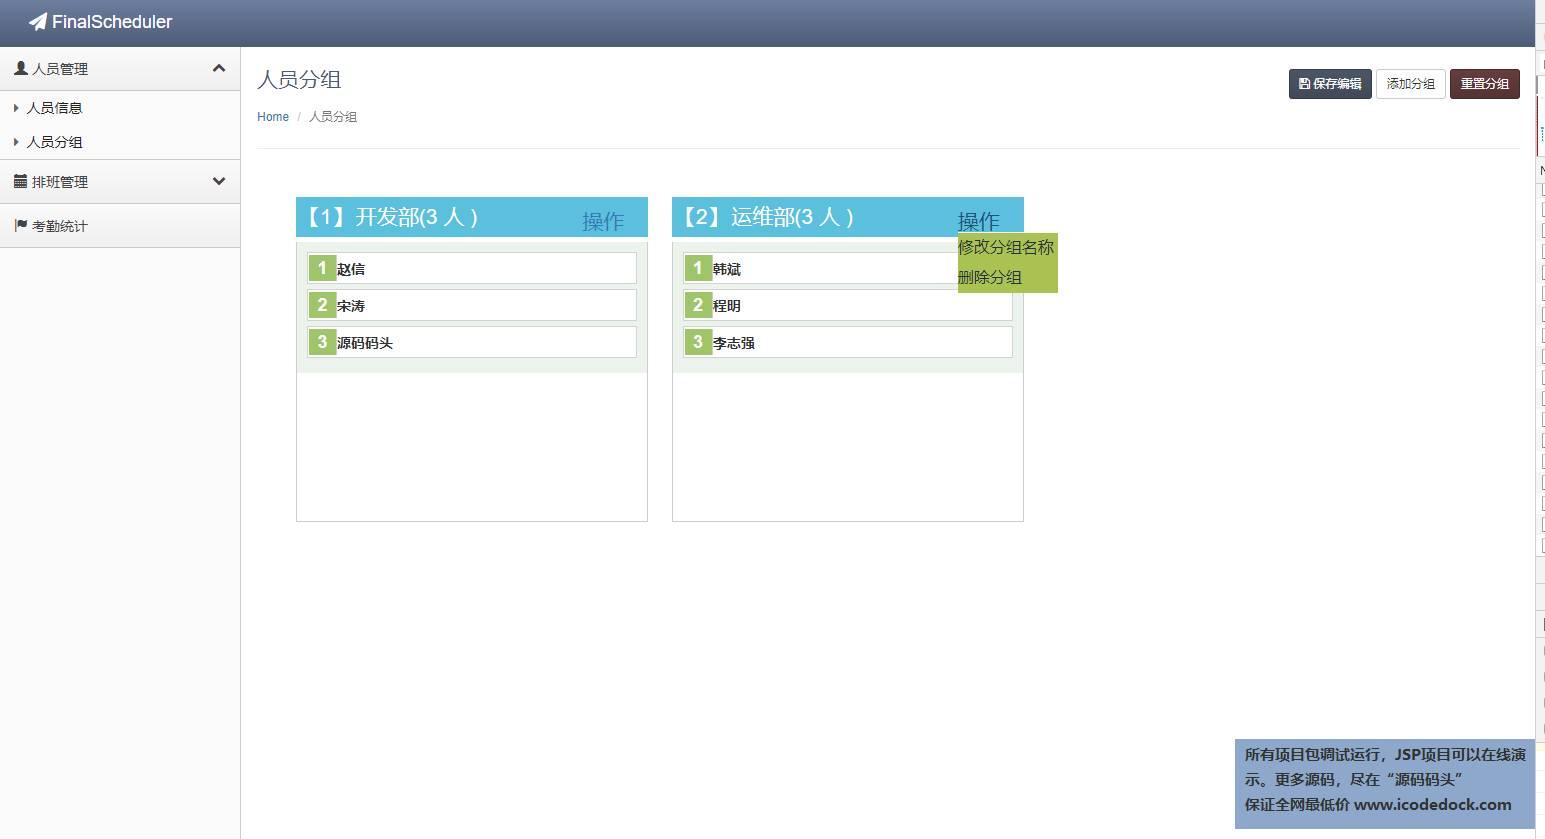 源码码头-Spring自动排班管理系统-管理员角色-编辑小组信息